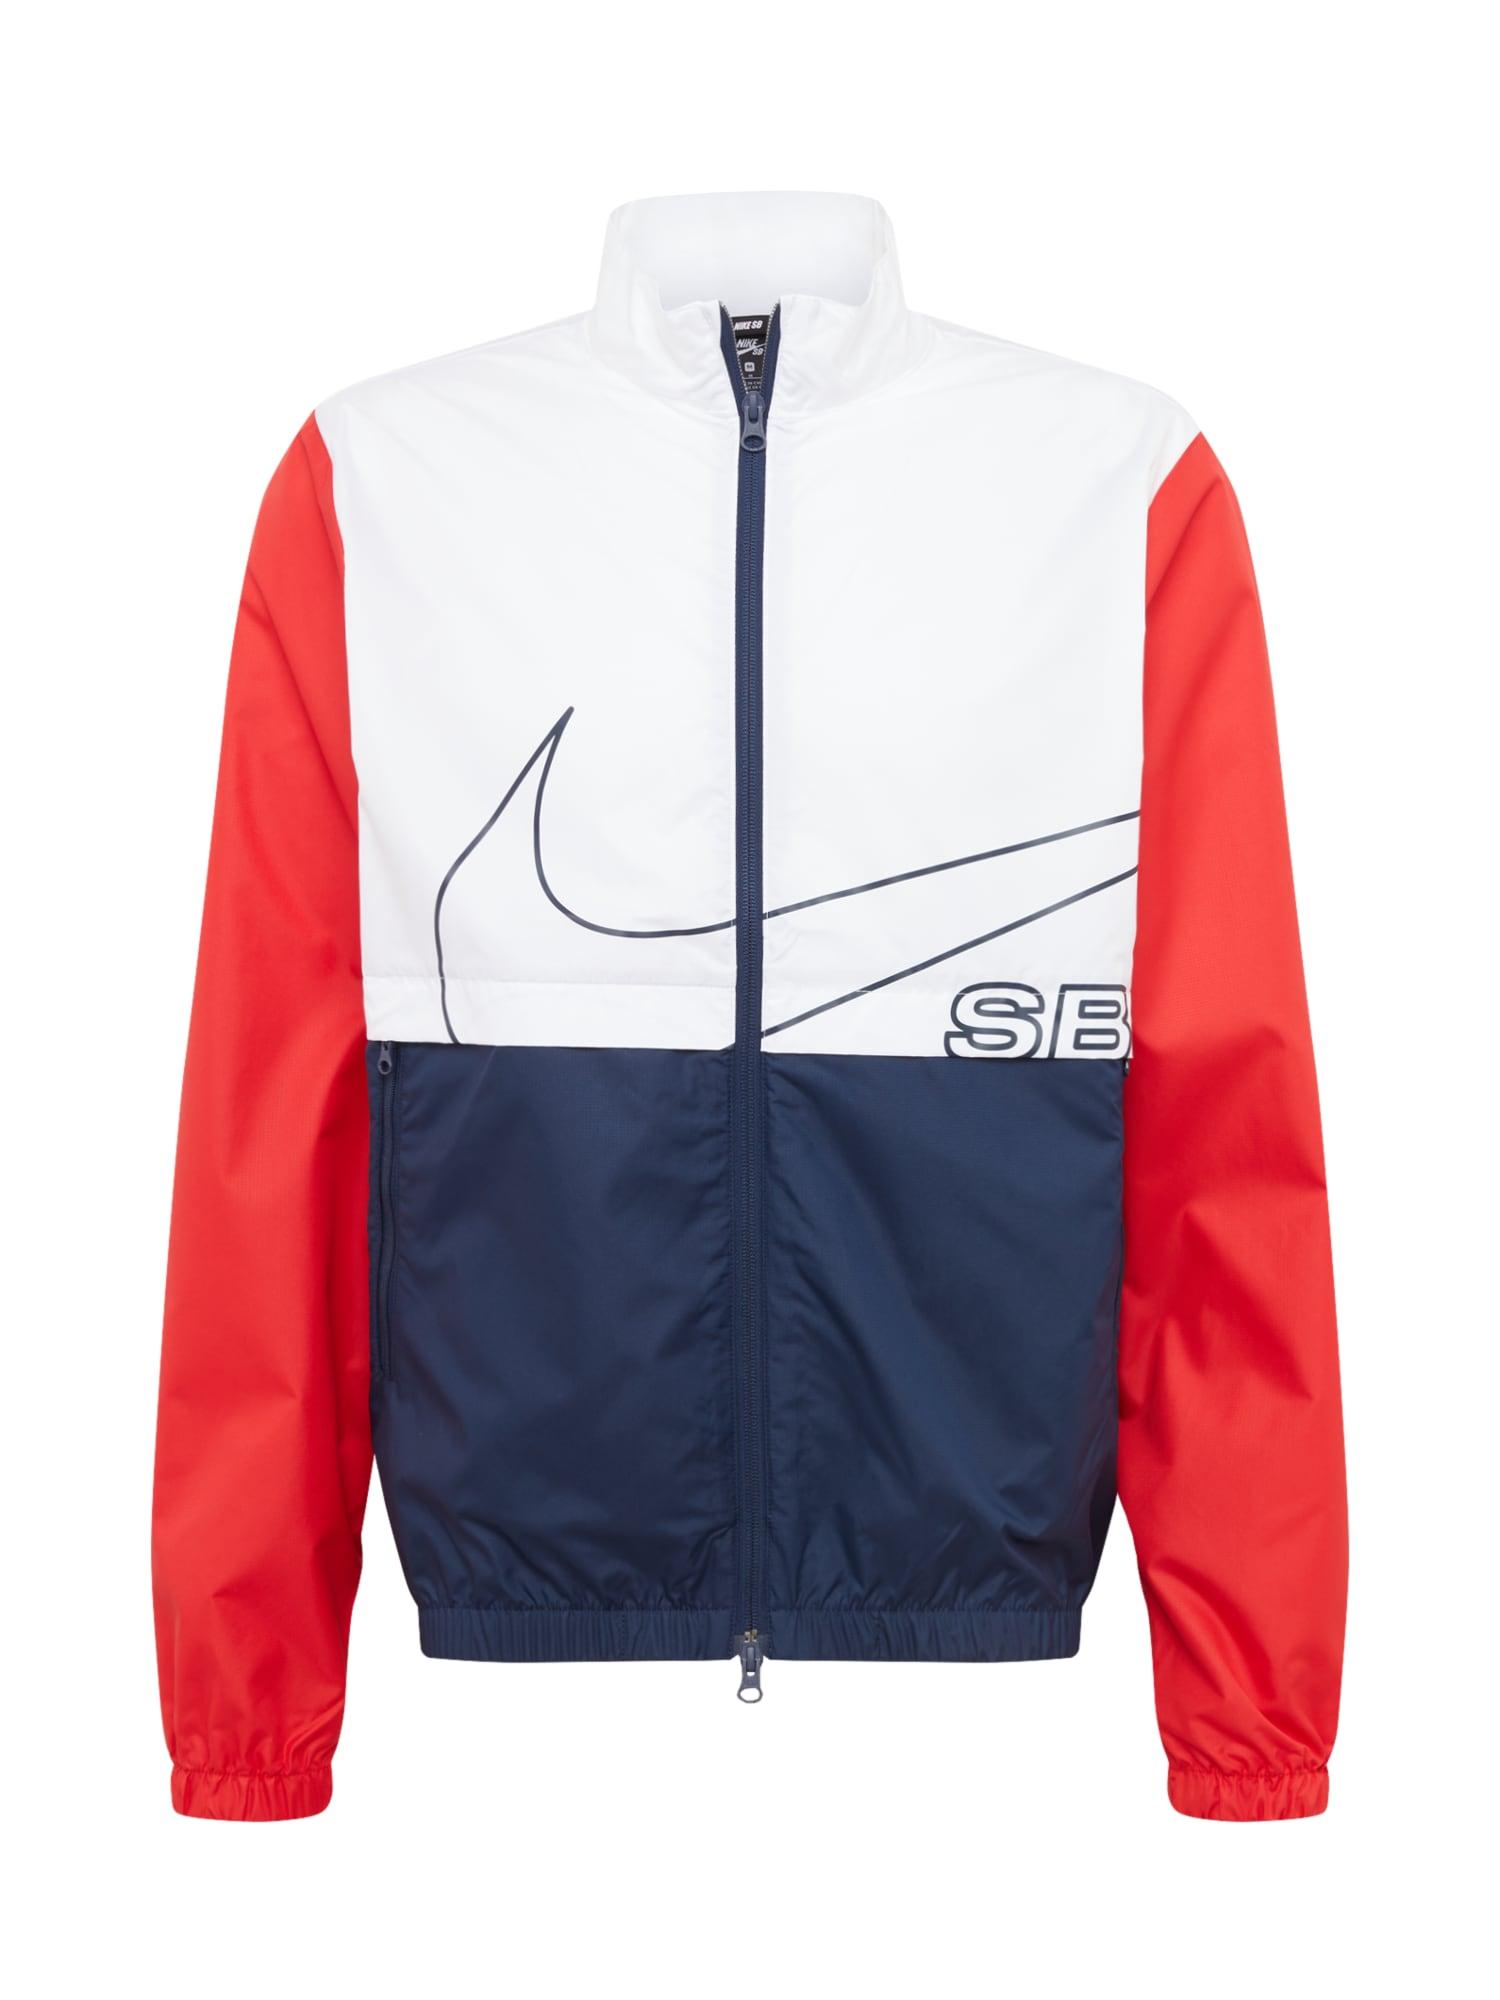 Nike SB Demisezoninė striukė 'Nike SB' tamsiai mėlyna / balta / raudona